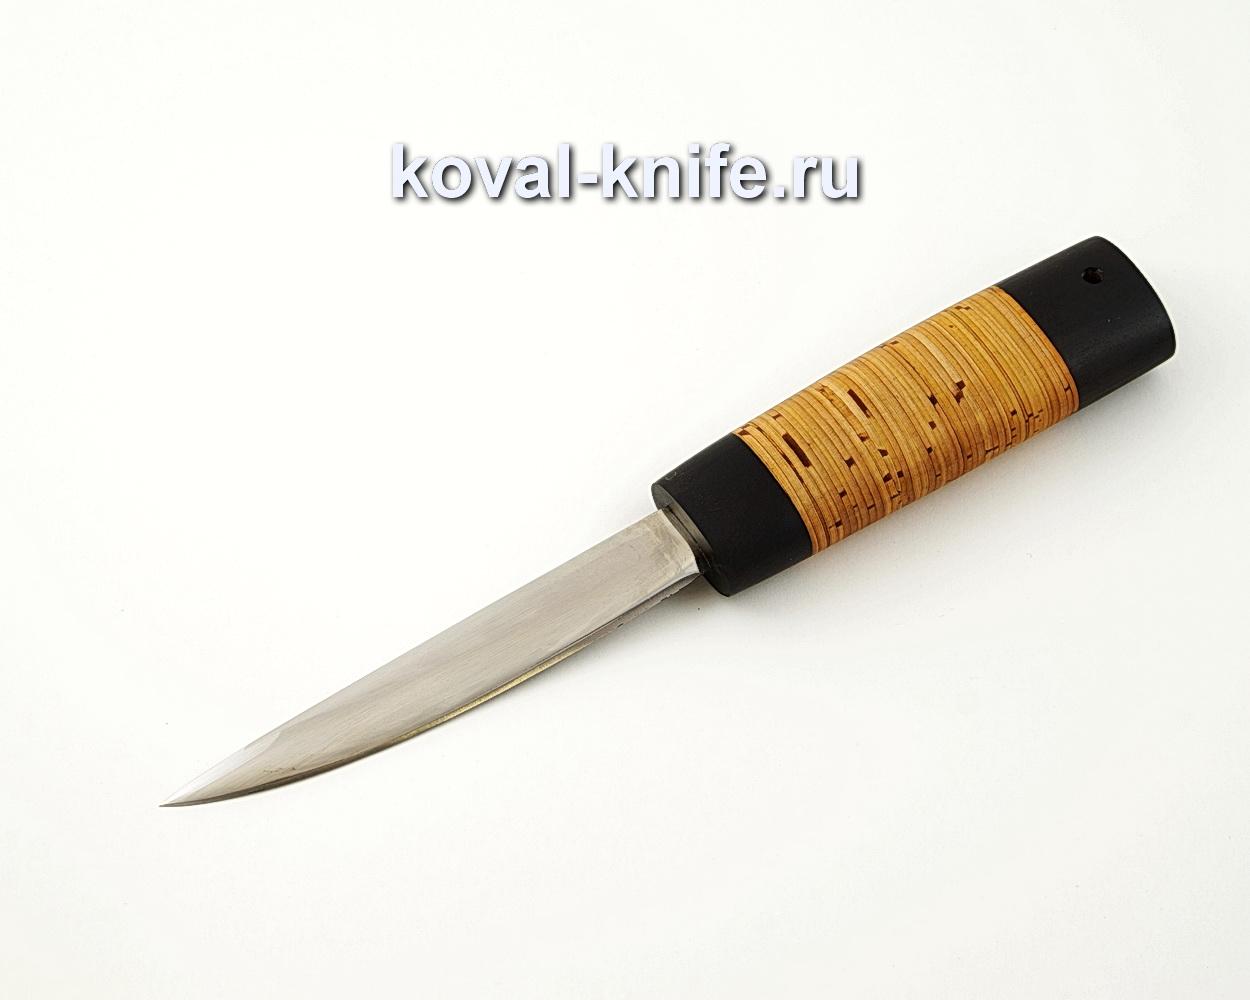 Якутский нож малый из кованой стали 110Х18 с рукоятью из бересты и черного граба A538